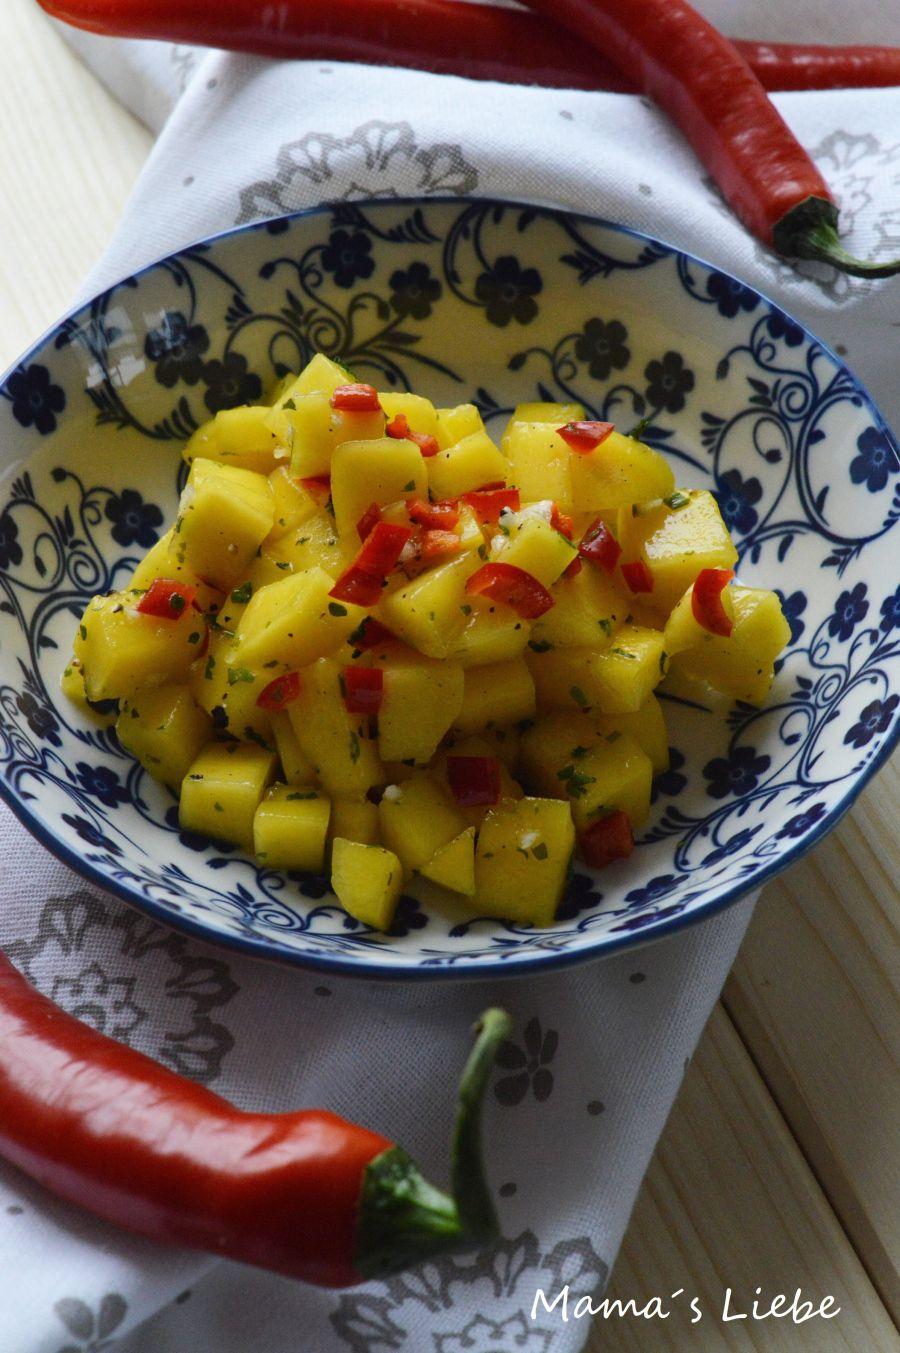 In den letzten Tagen war so einiges los & wenns schnell gehen muss bereite ich gerne mal dieses leckere selbst gemachte Salsa mit Mangos vor, dann heißt es nur noch wenn der kleine Hunger kommt…